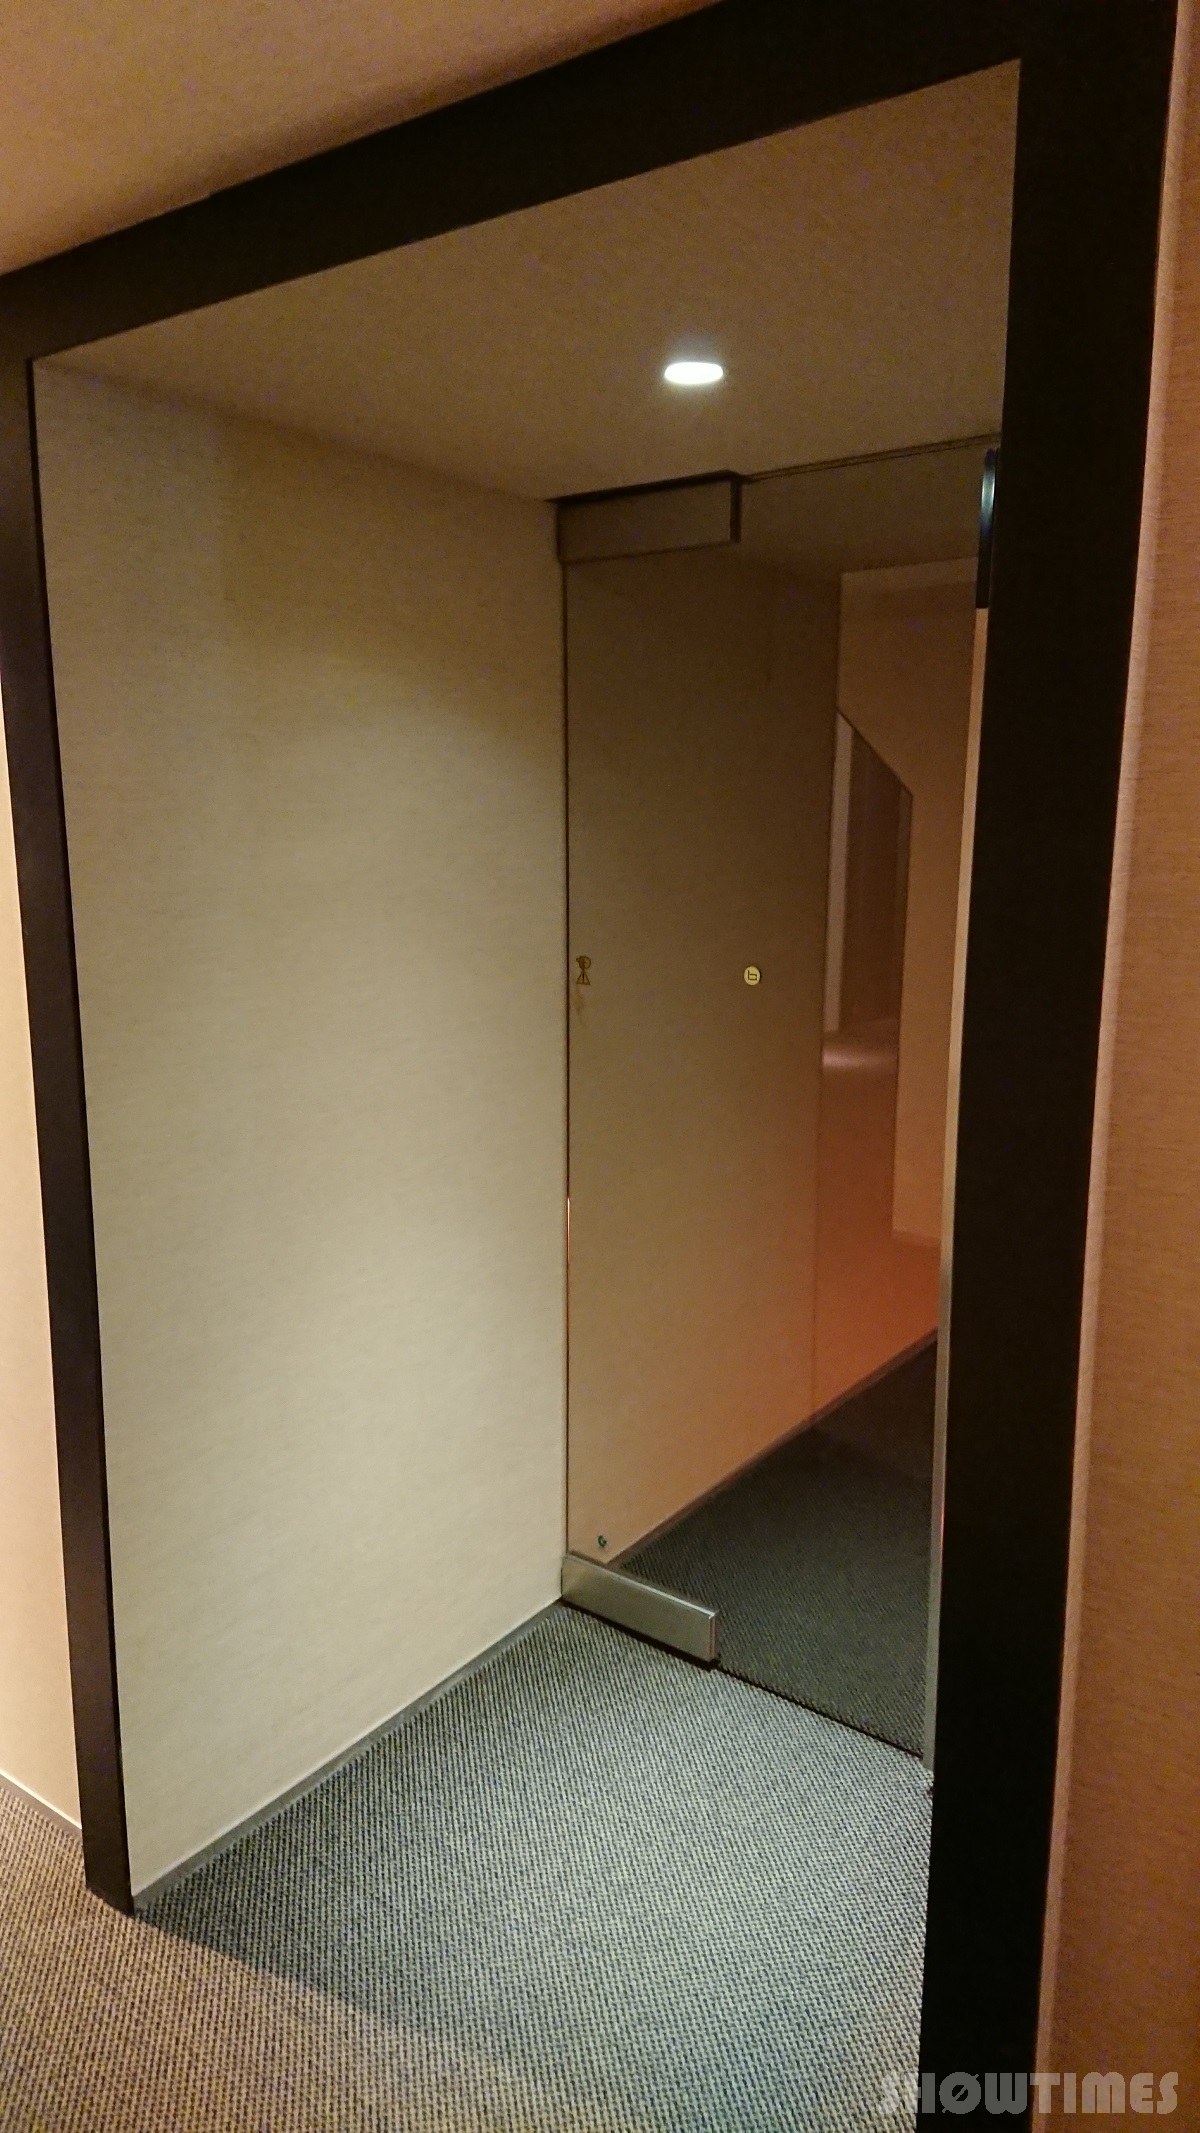 センチュリーロイヤルホテルエクスクルーシヴフロアのガラス扉とアプローチ2